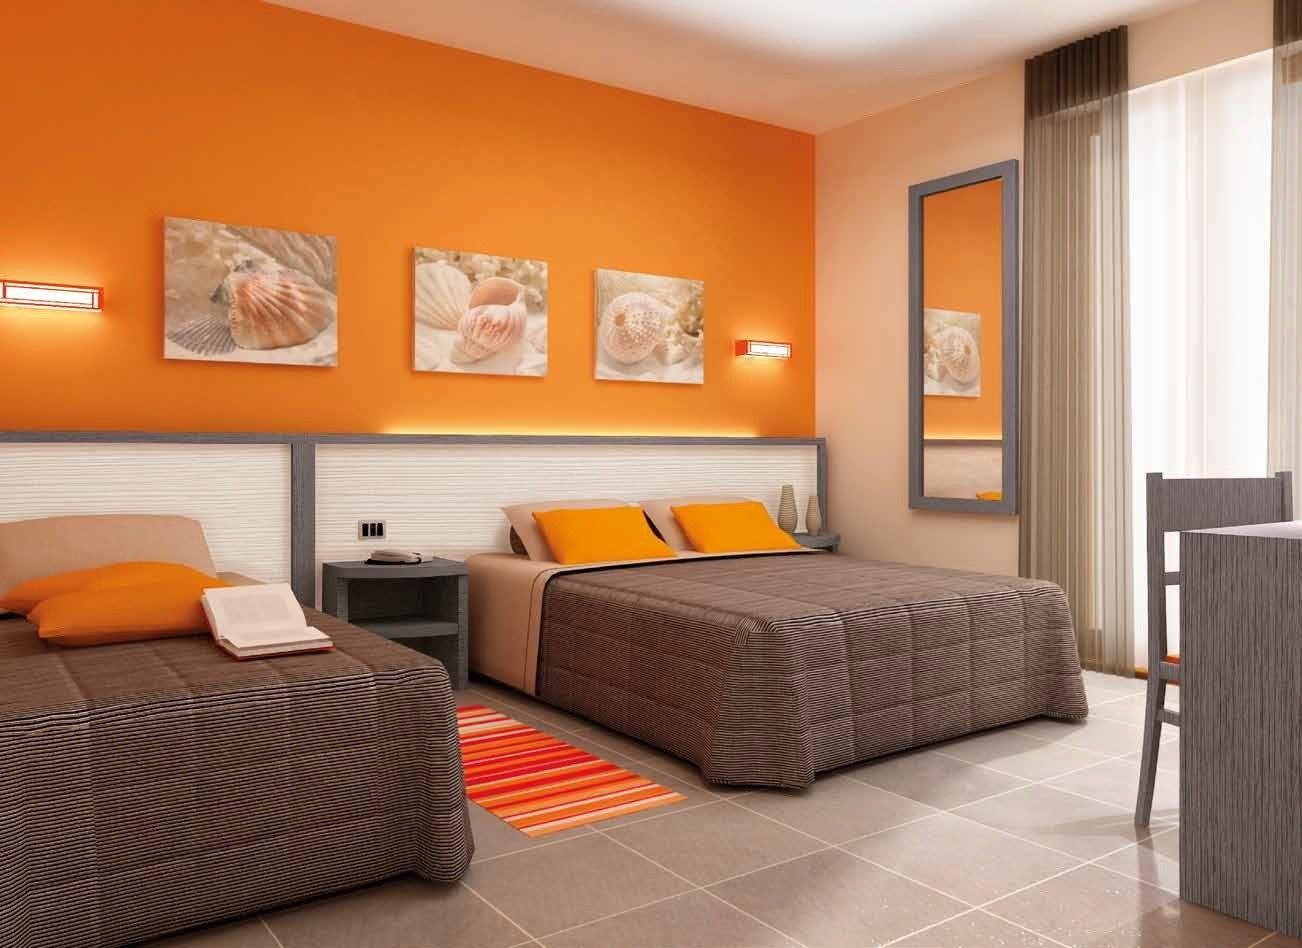 Arredamento per residence in stile moderno fashion for Contract arredamento